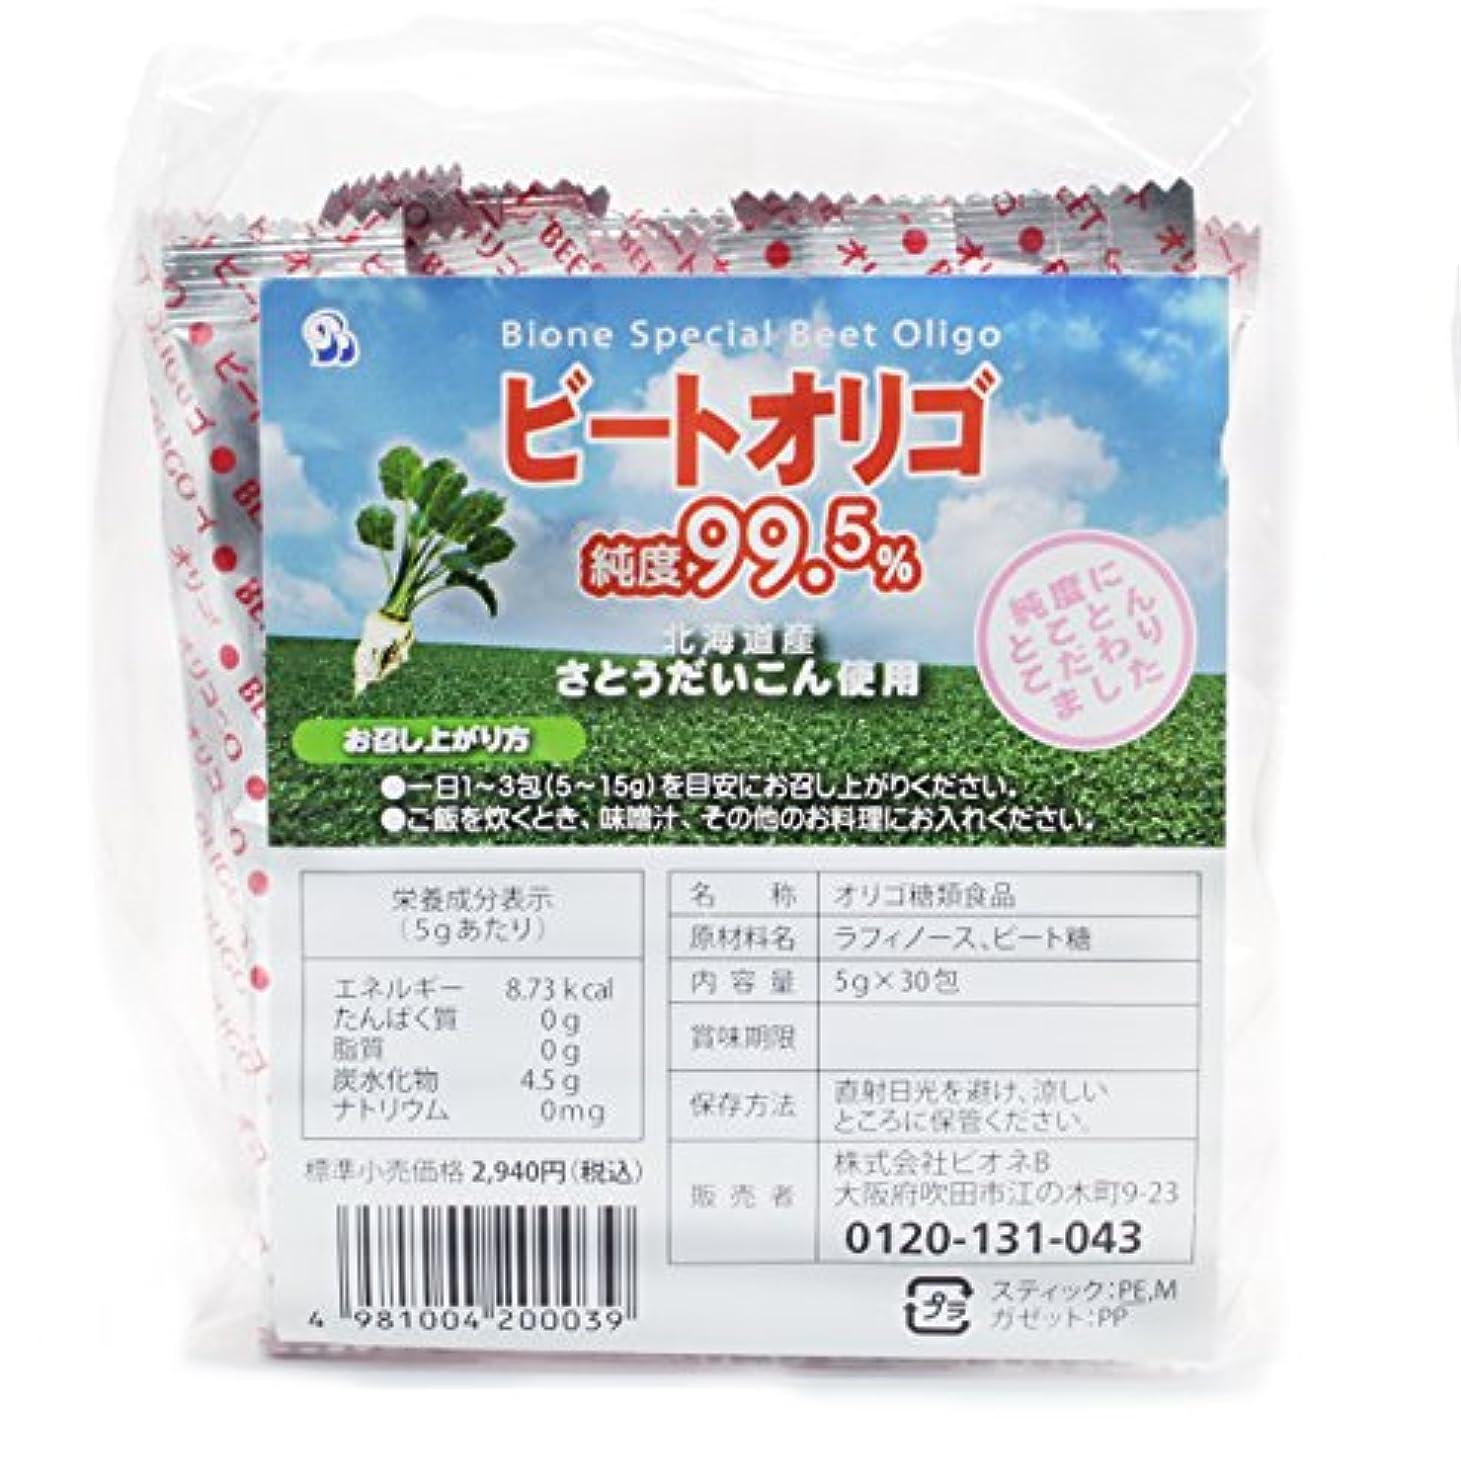 インフラ化合物不規則なビオネ ビートオリゴ 5g×30包